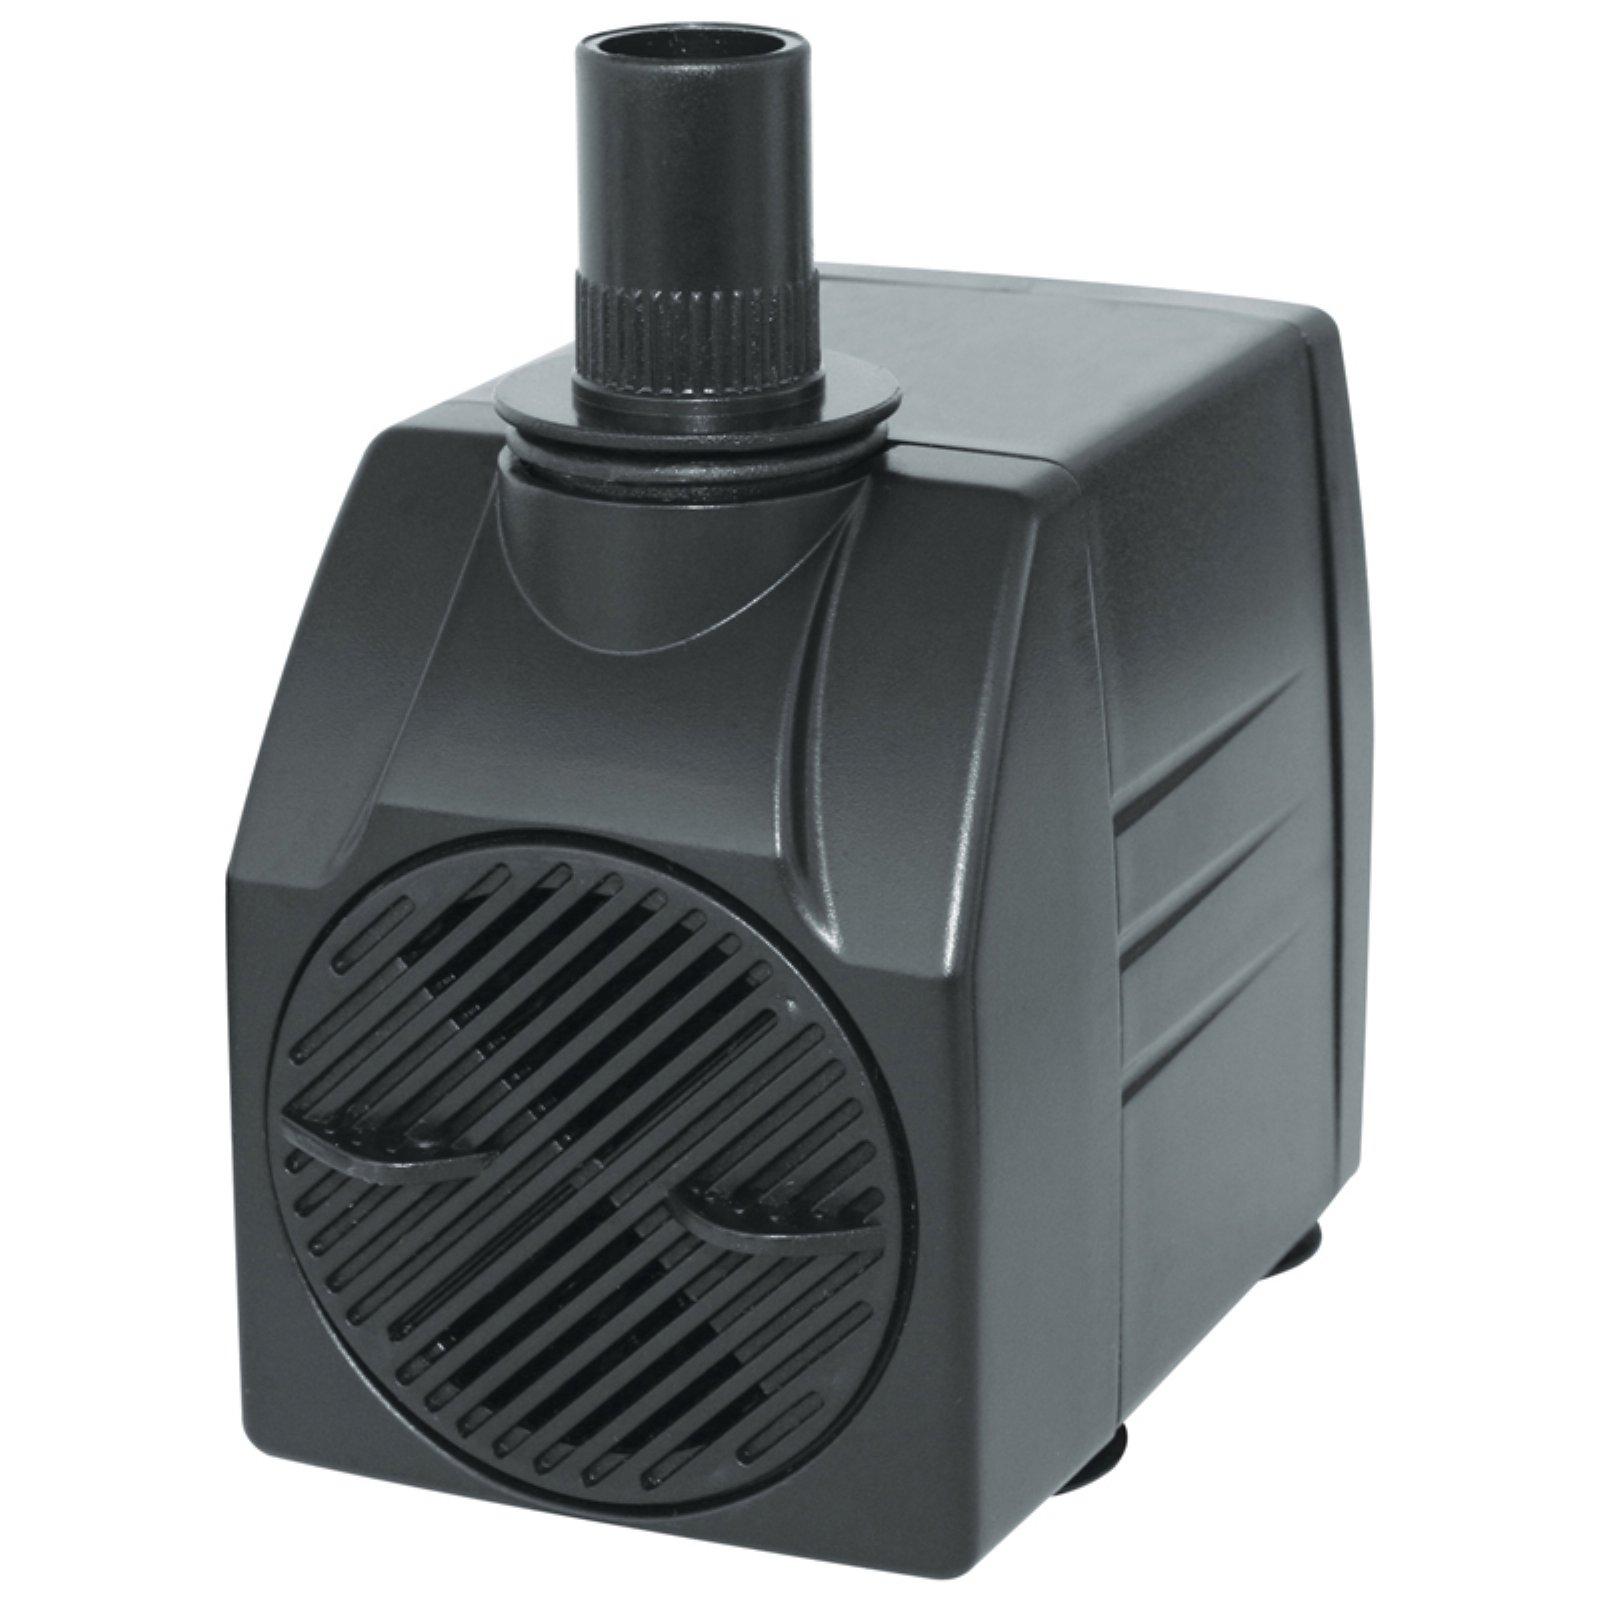 Danner 01717 200 GPH Statuary Pump